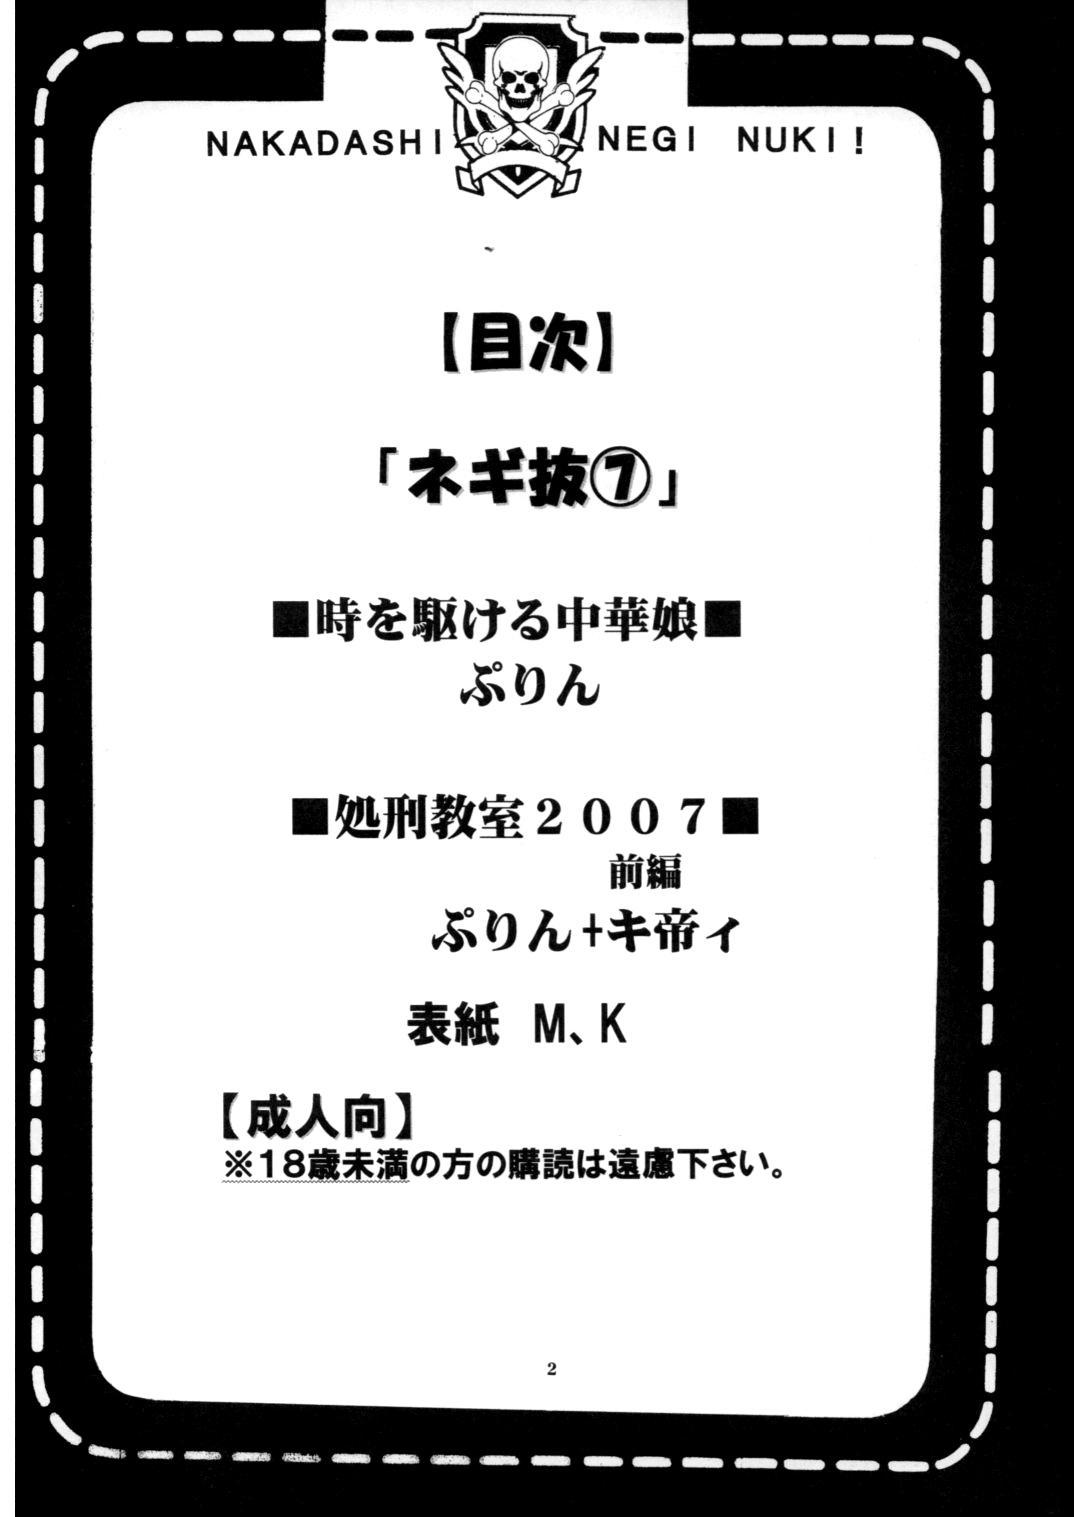 Shikima Sensei Negi Nuki! 7 2